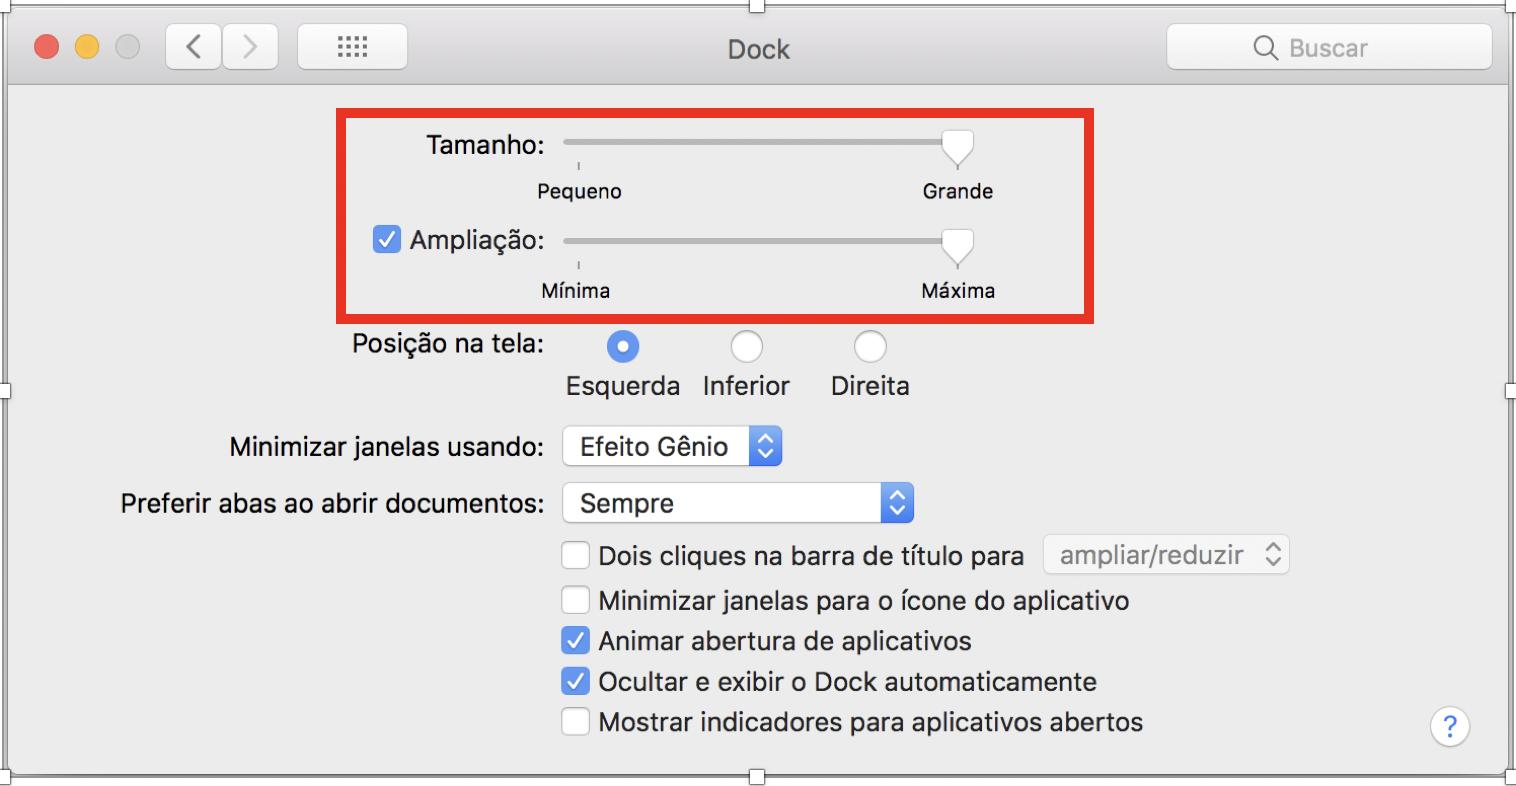 """Janela com as configurações do 'Dock"""", com foco nas opções """"Tamanho"""" e """"Ampliação""""."""